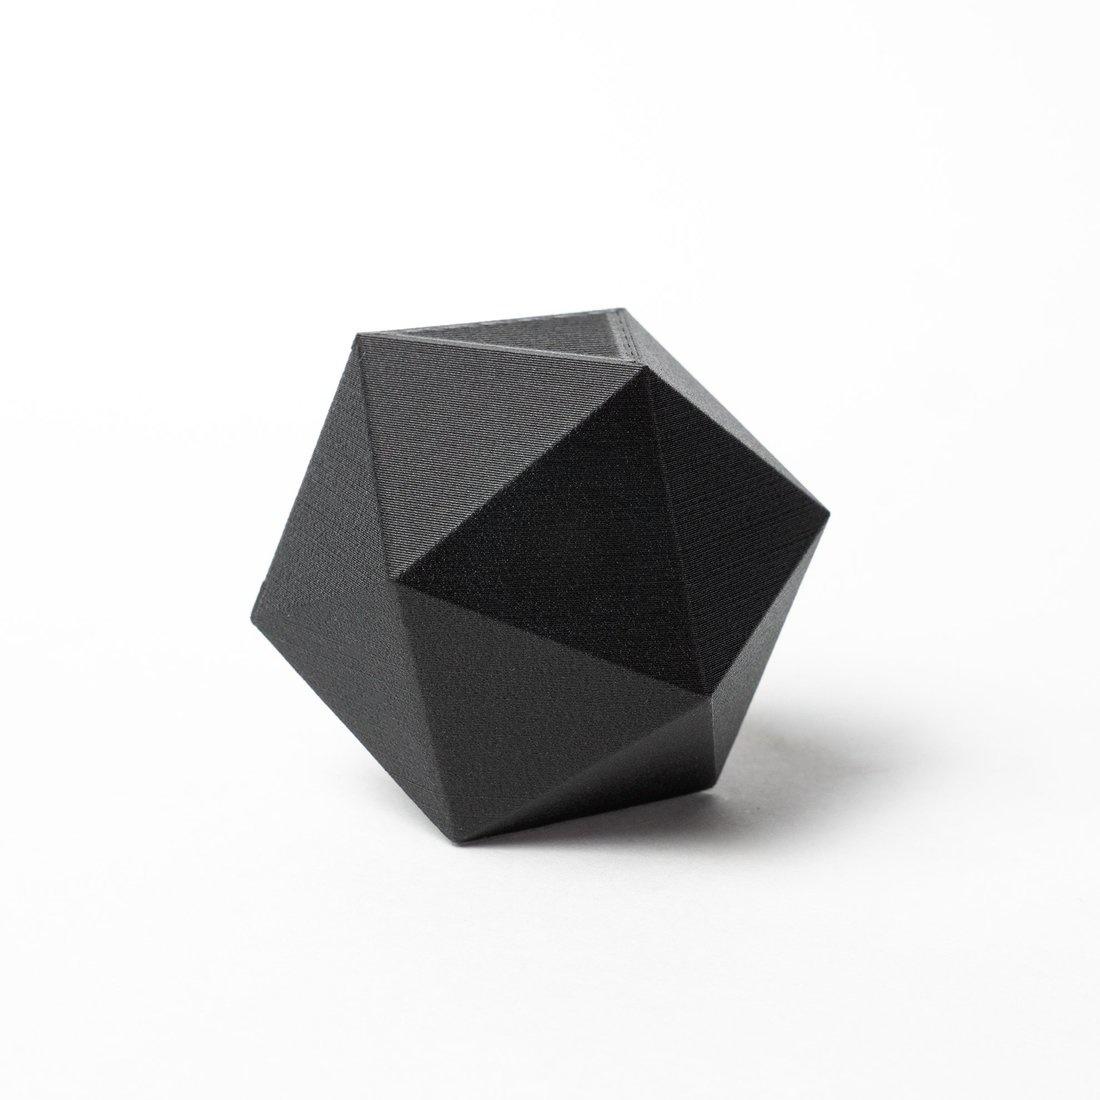 Proto-pasta 2.85 mm Carbon Fiber HTPLA filament, Black